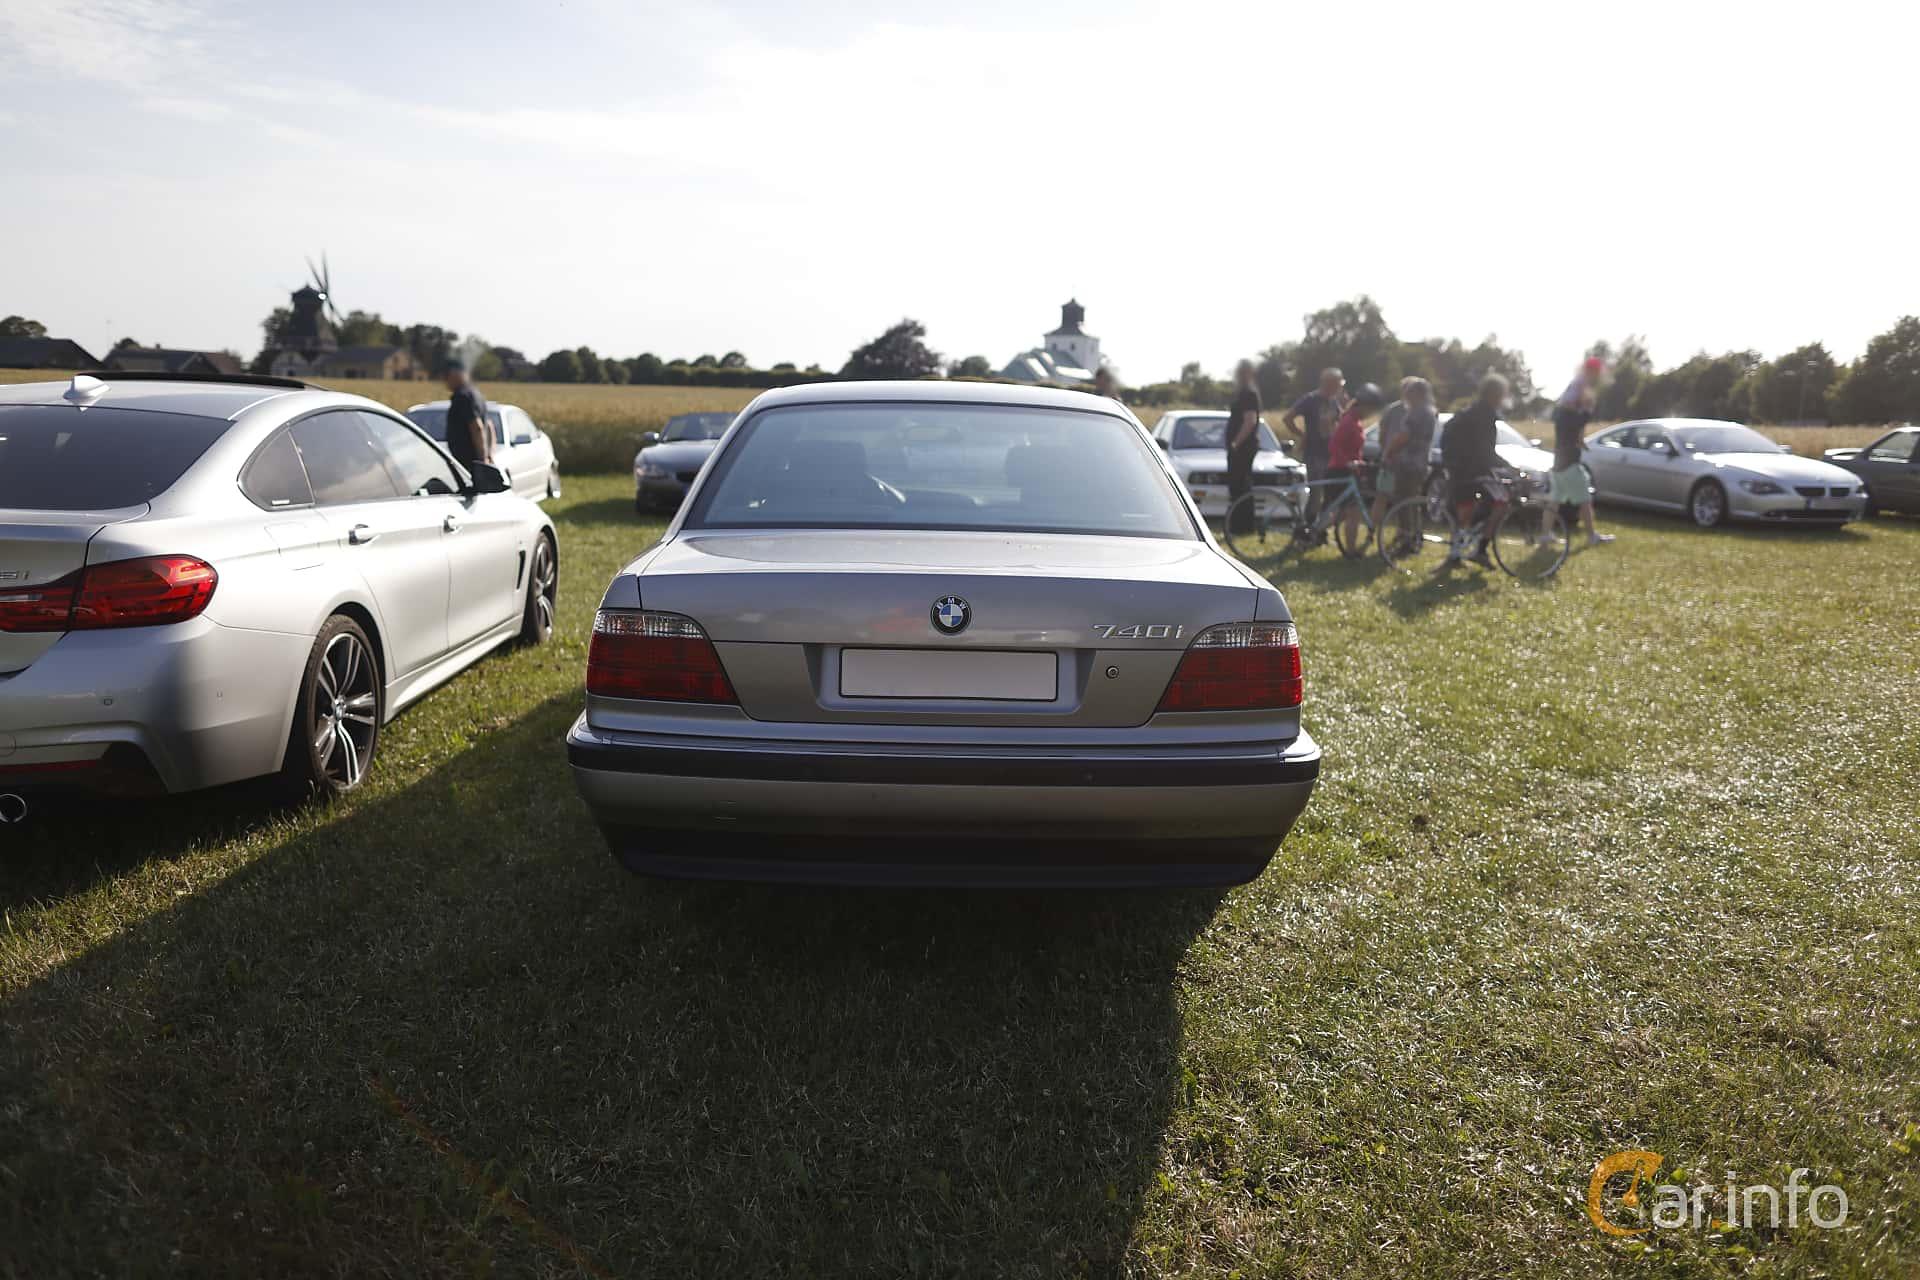 BMW 740i  Automatic, 286hp, 1995 at Tisdagsträffarna Vikingatider 2019 vecka 26